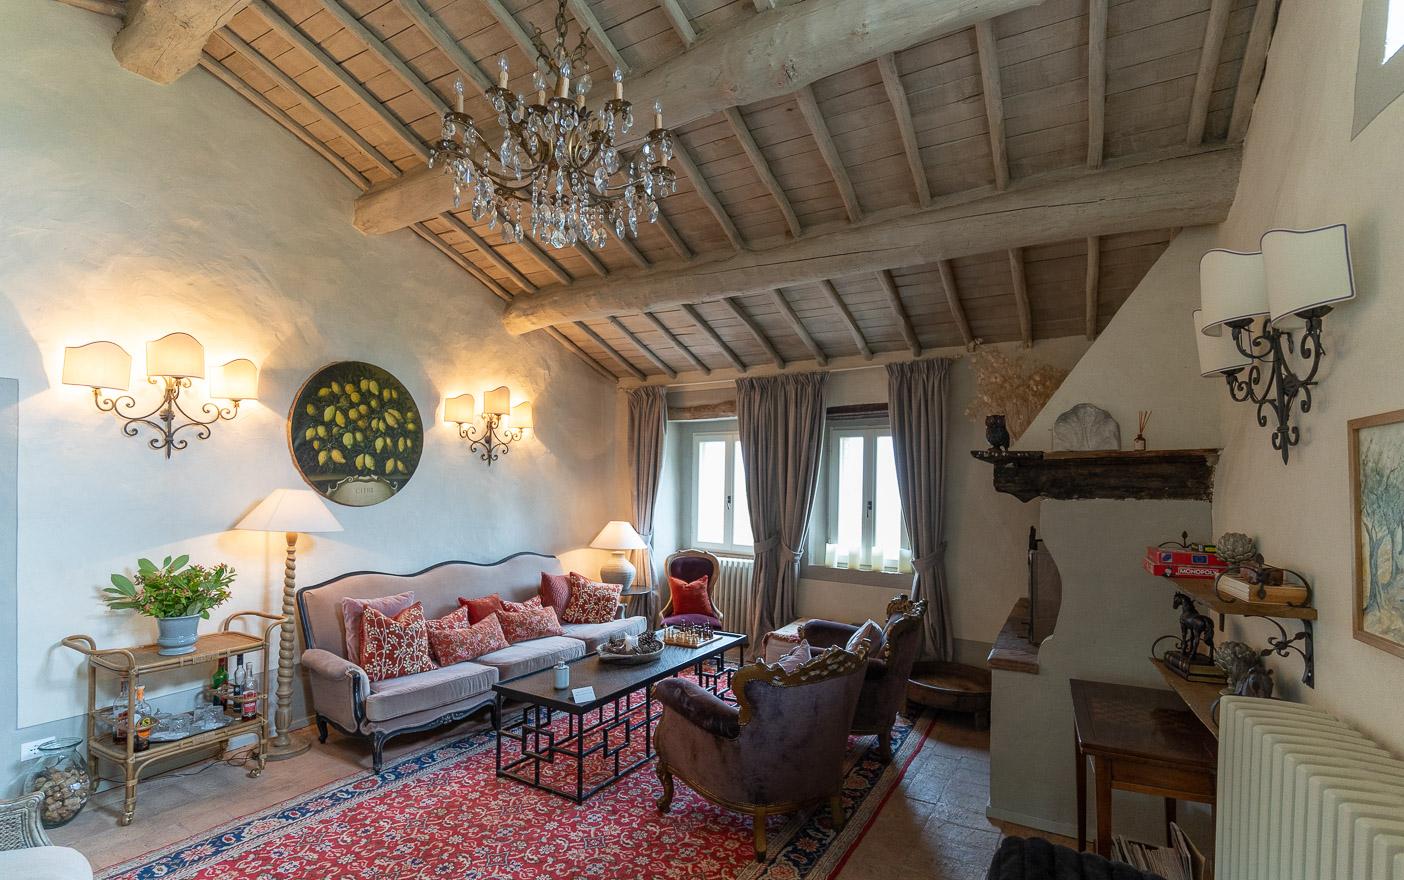 lupaia 65 - REVIEW - Lupaia : San Biagio Suite [COVID-era]